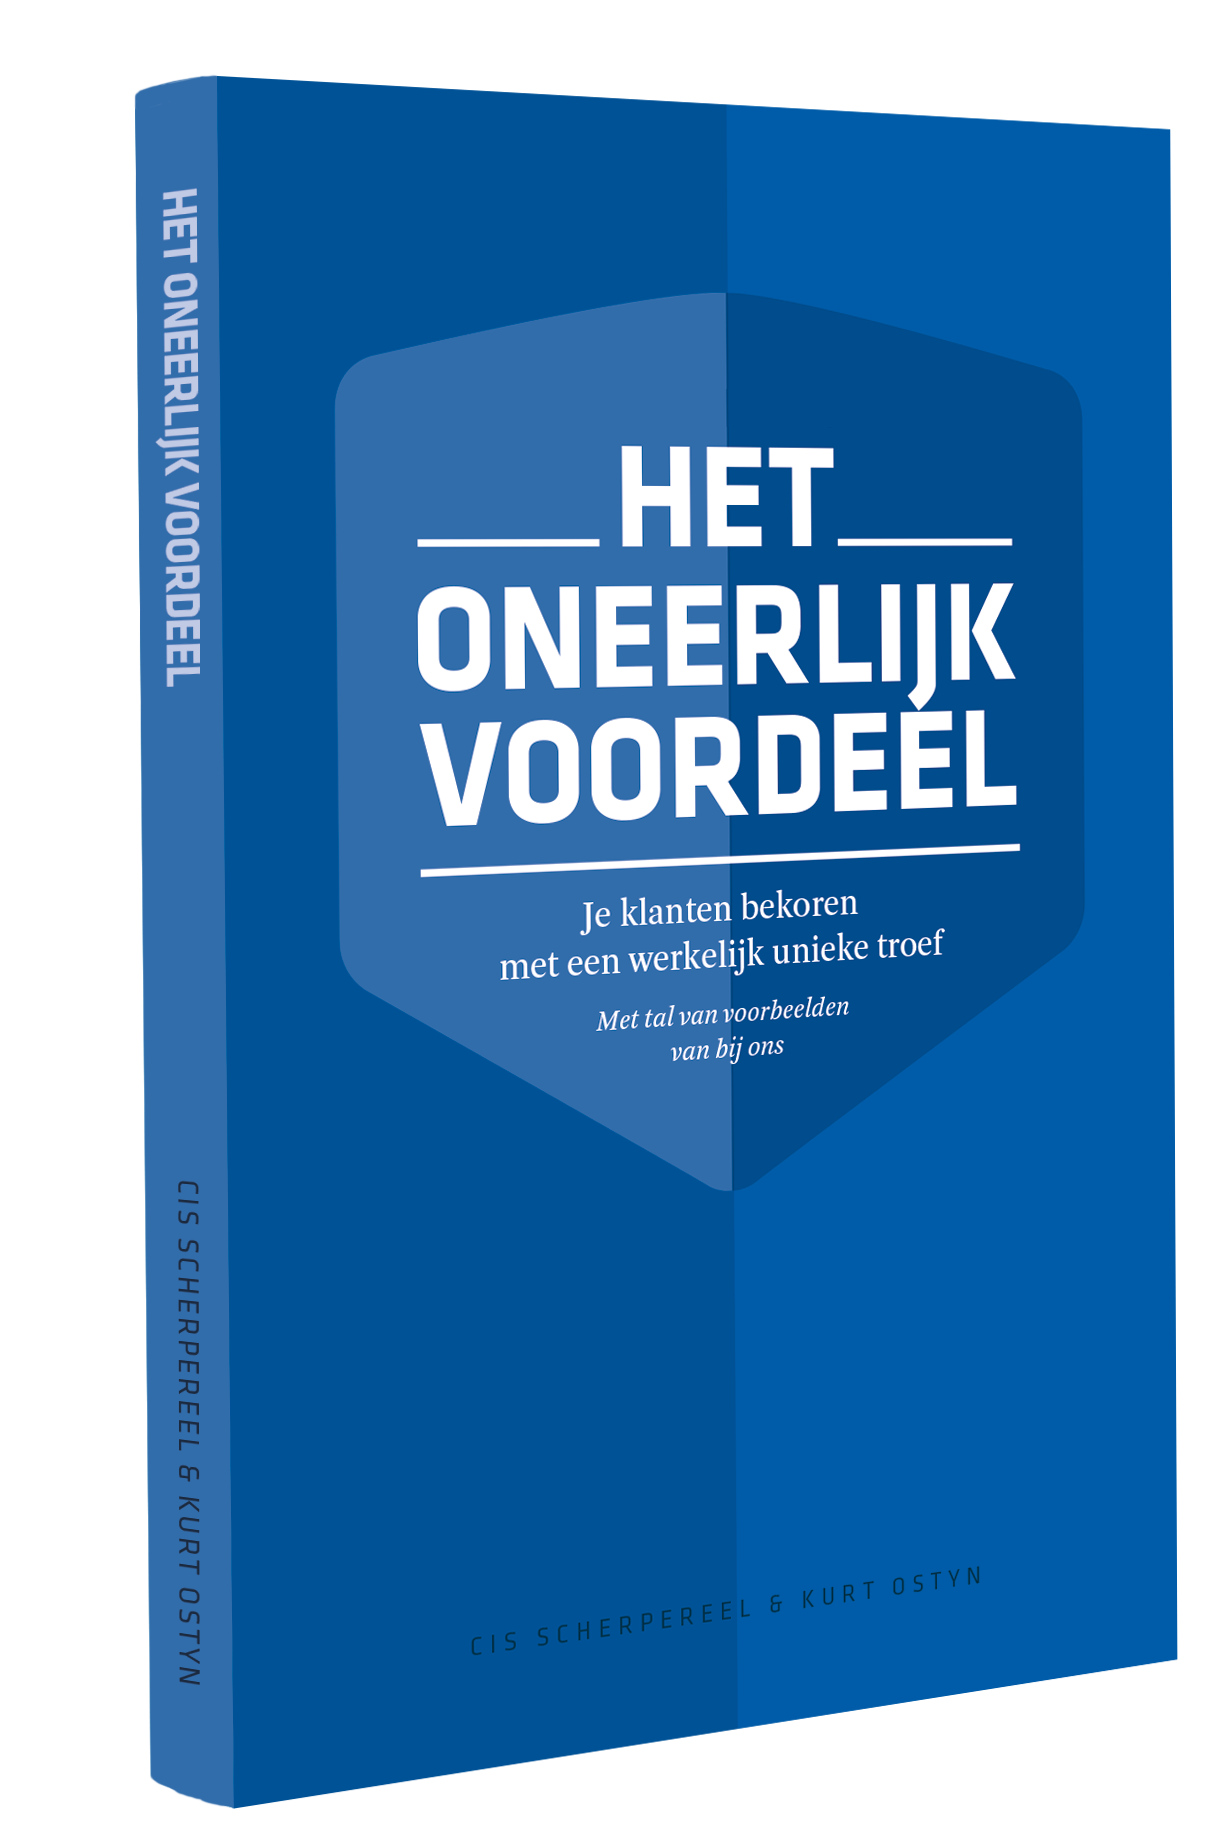 het oneerlijk voordeel - nieuw boek van Cis Scherpereel en Kurt Ostyn